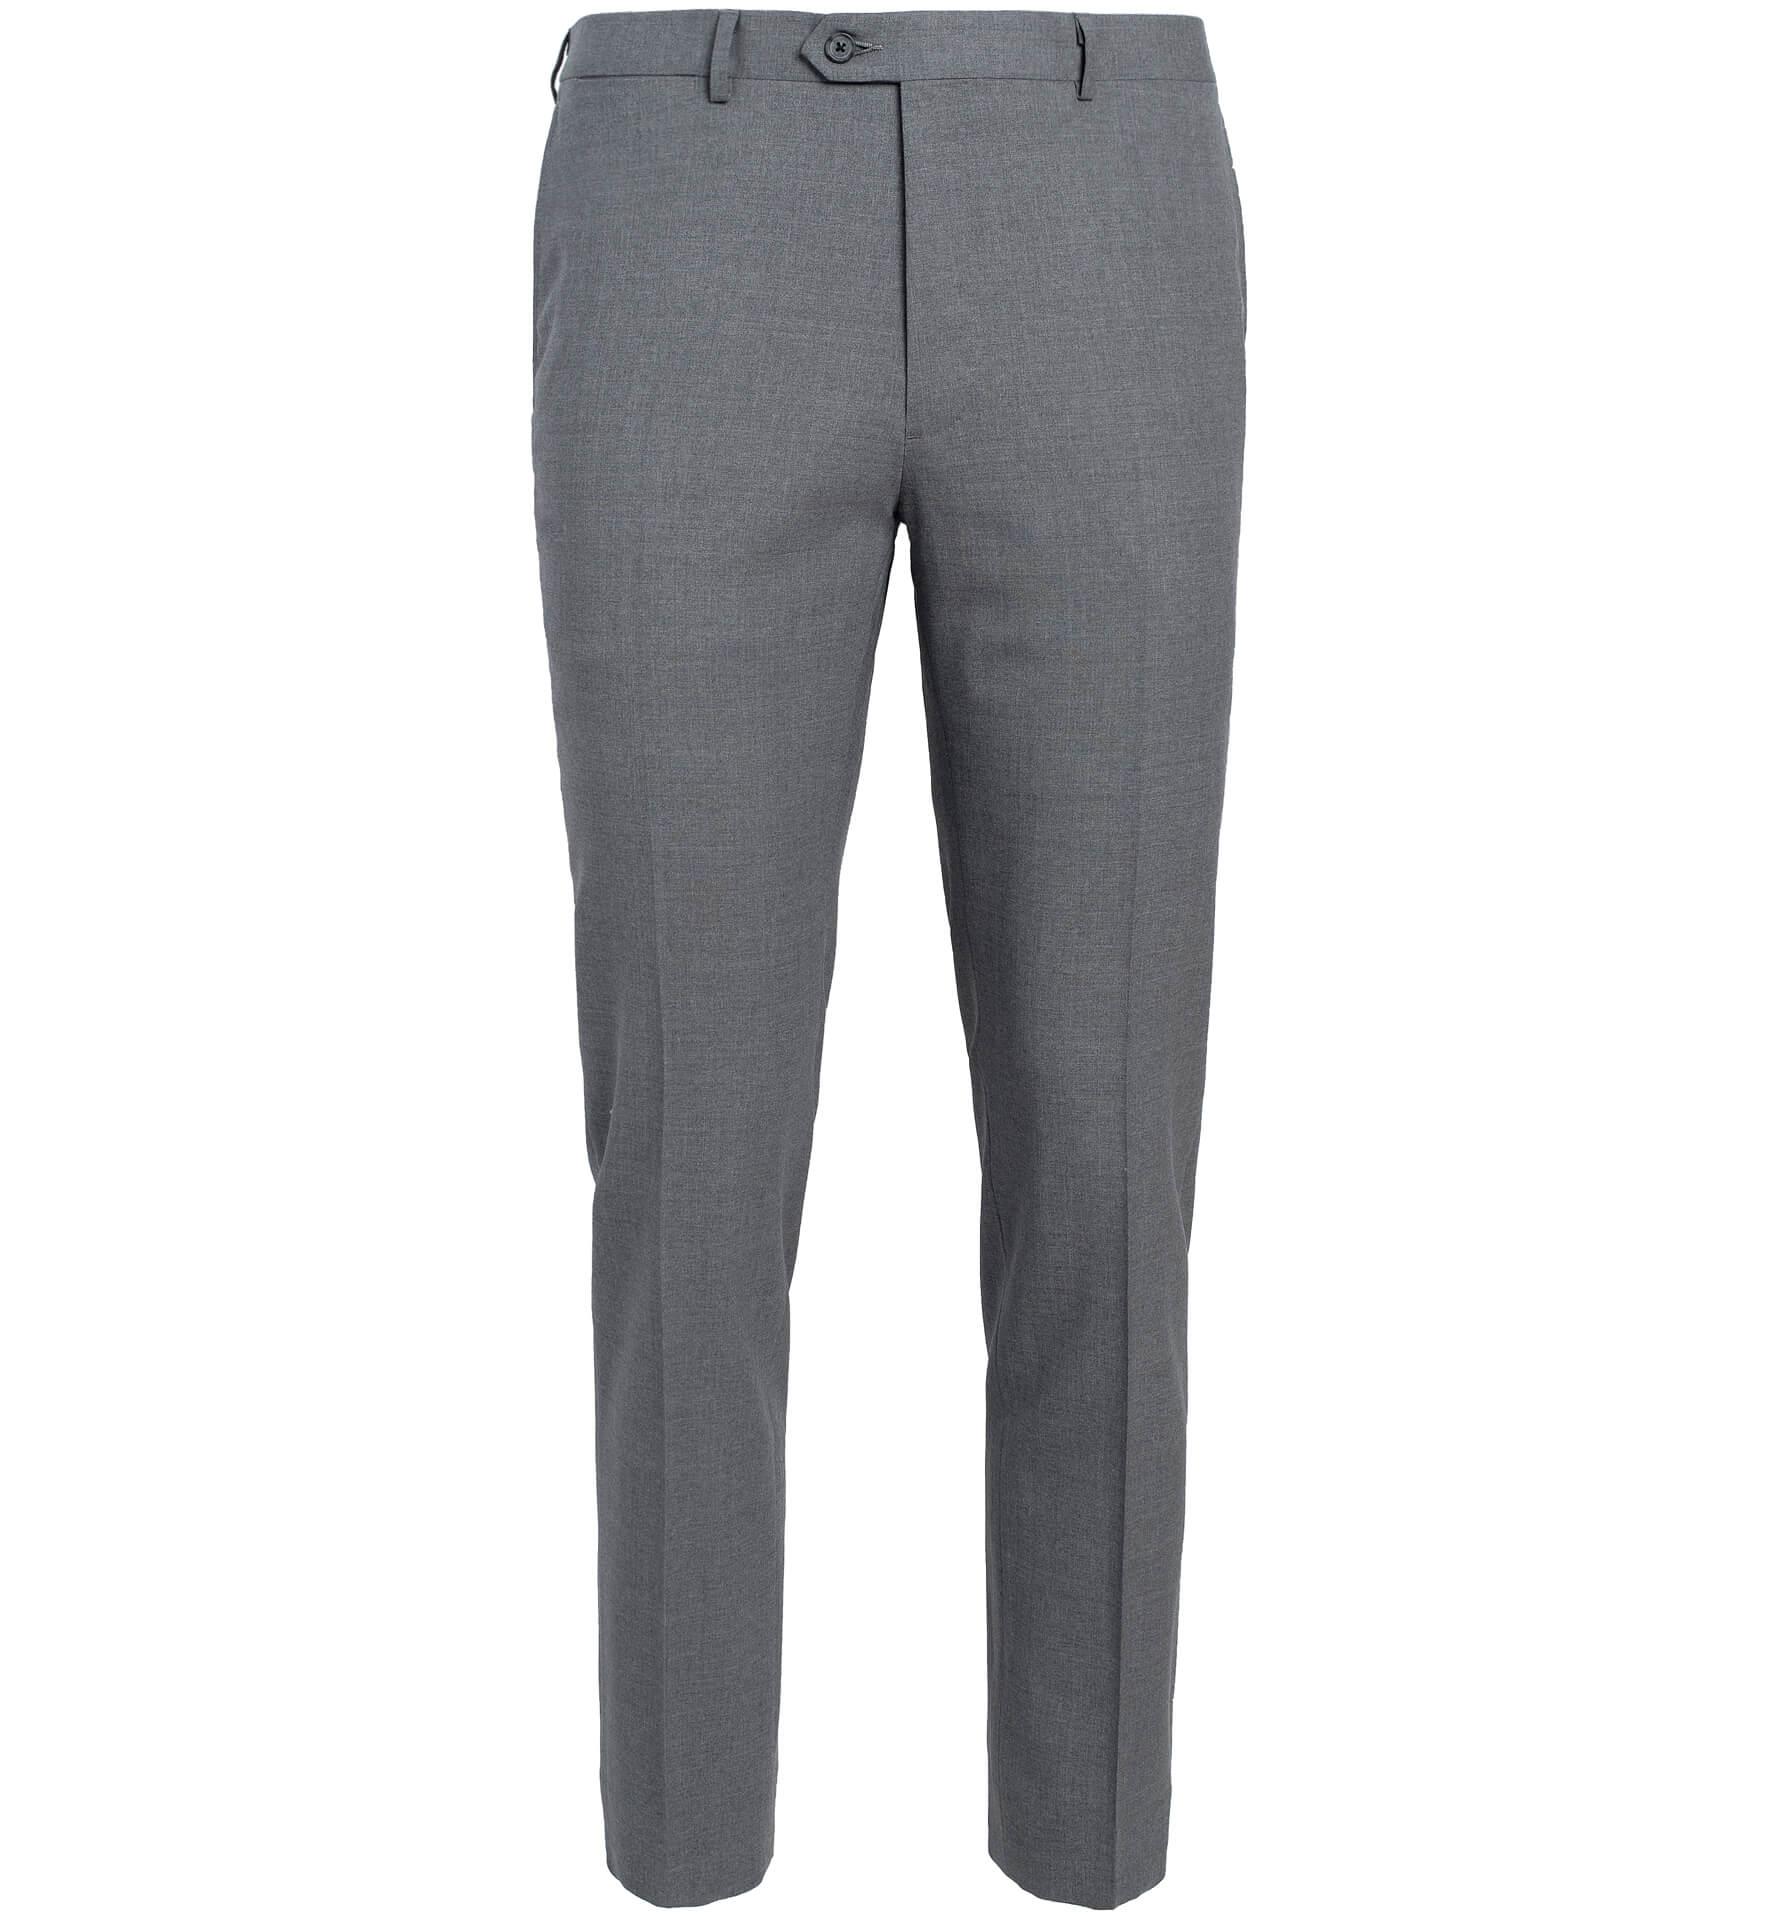 Zoom Image of Allen Grey Comfort Tropical Fresco Trouser